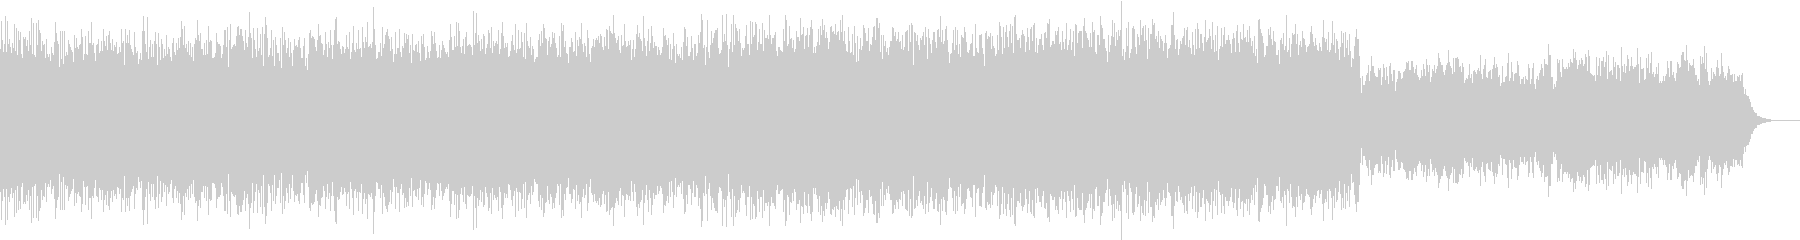 幻想的なアンビエントBGMの未再生の波形